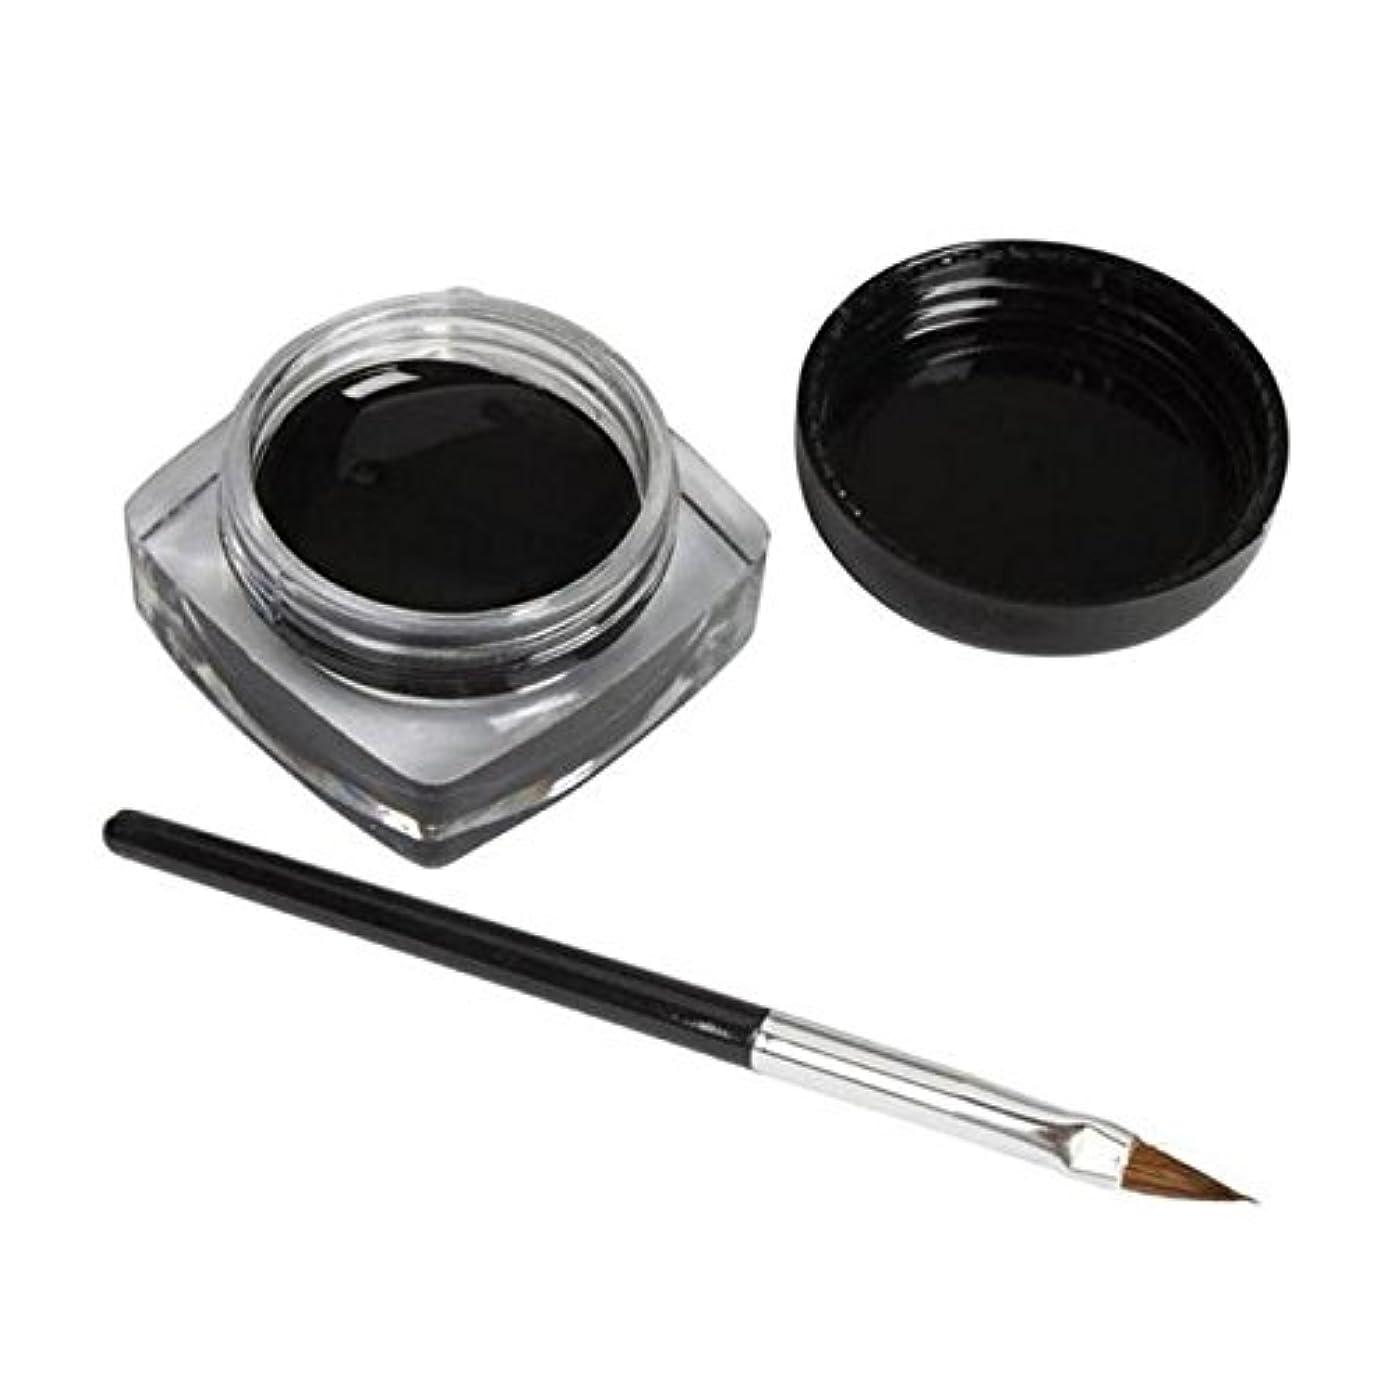 オペレーターフォーム牛肉2 PCSミニアイライナージェルクリームブラシメイクアップ化粧品ブラックライフ防水